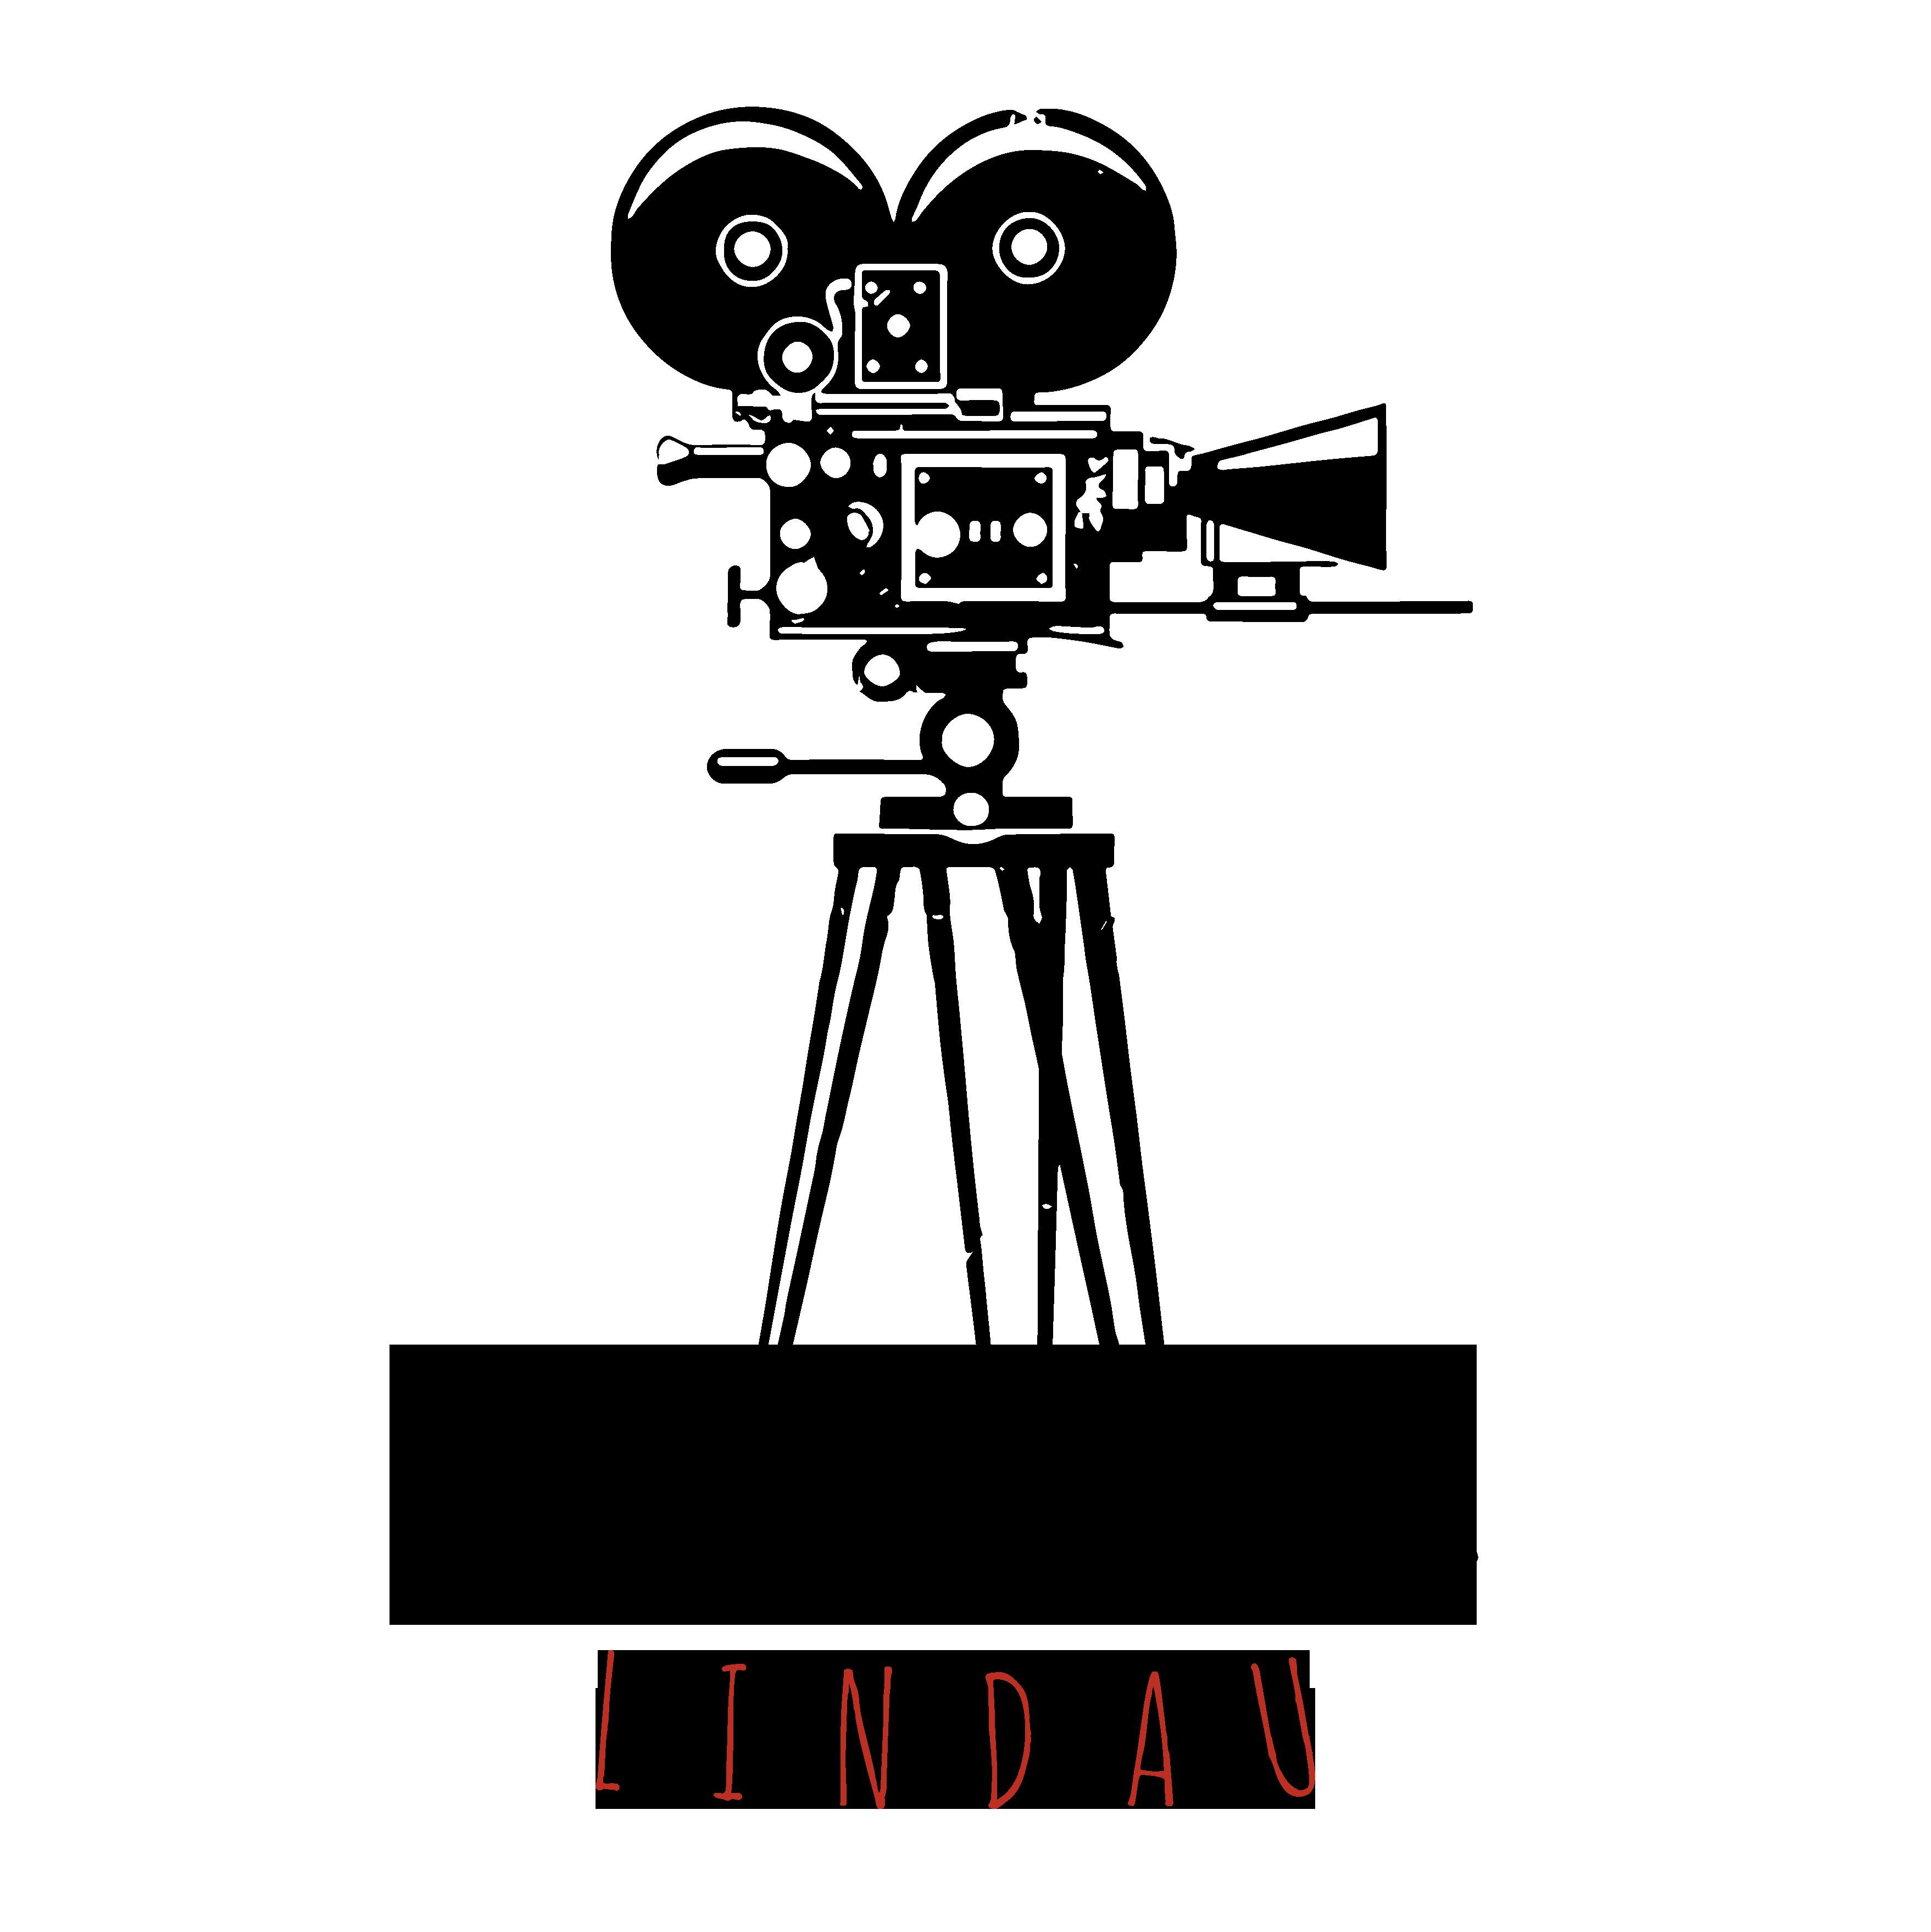 Filmwerkstatt Lindau